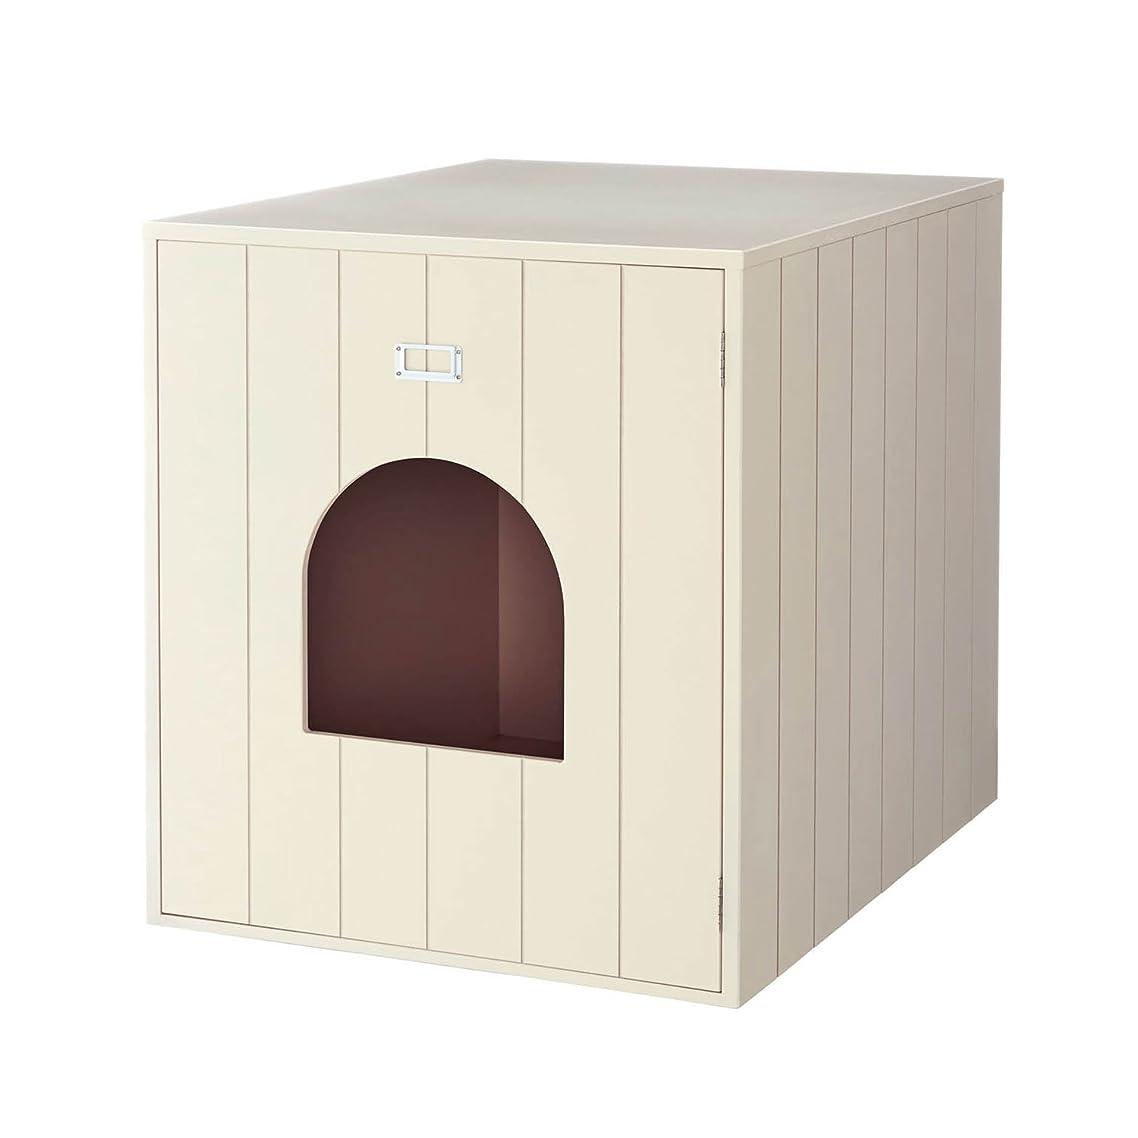 裁量鍔できたpidan 猫トイレ本体 大型 雪山をイメージした 広々のスペース 日本IONPURE抗菌技術 組み込み構造 手入れ簡単 (グレー)